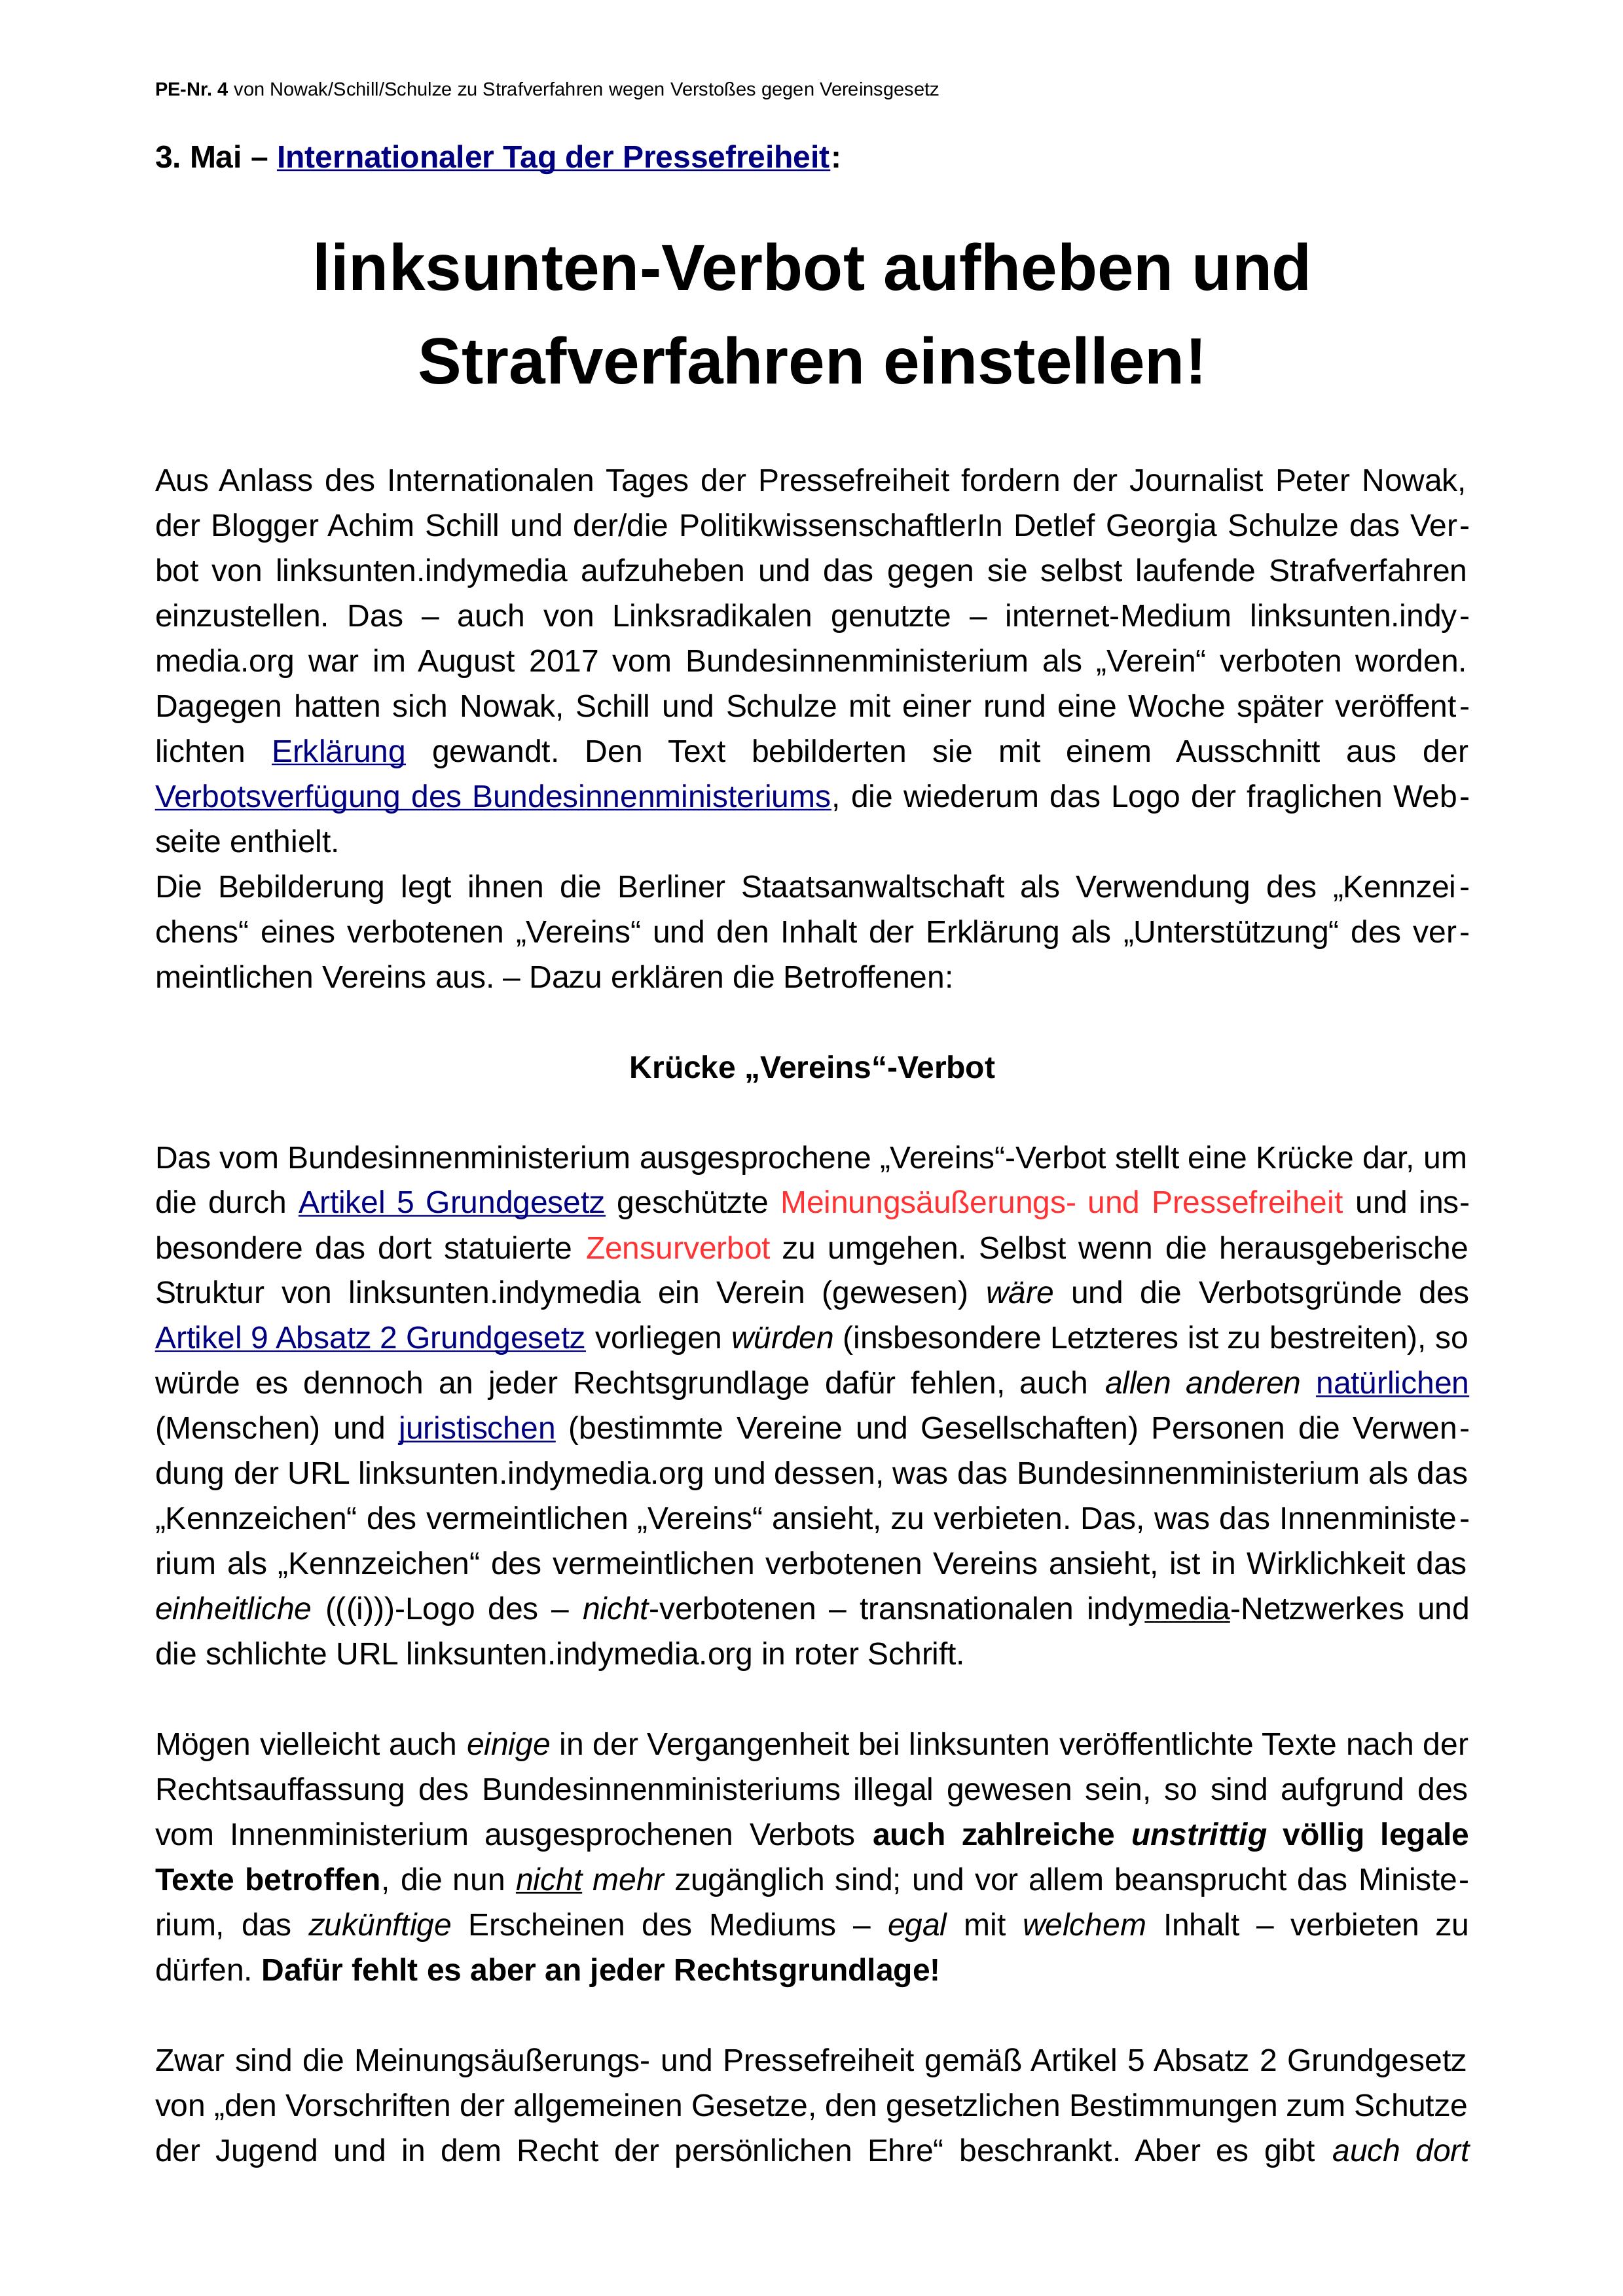 Seite 1 der Presseerklärung